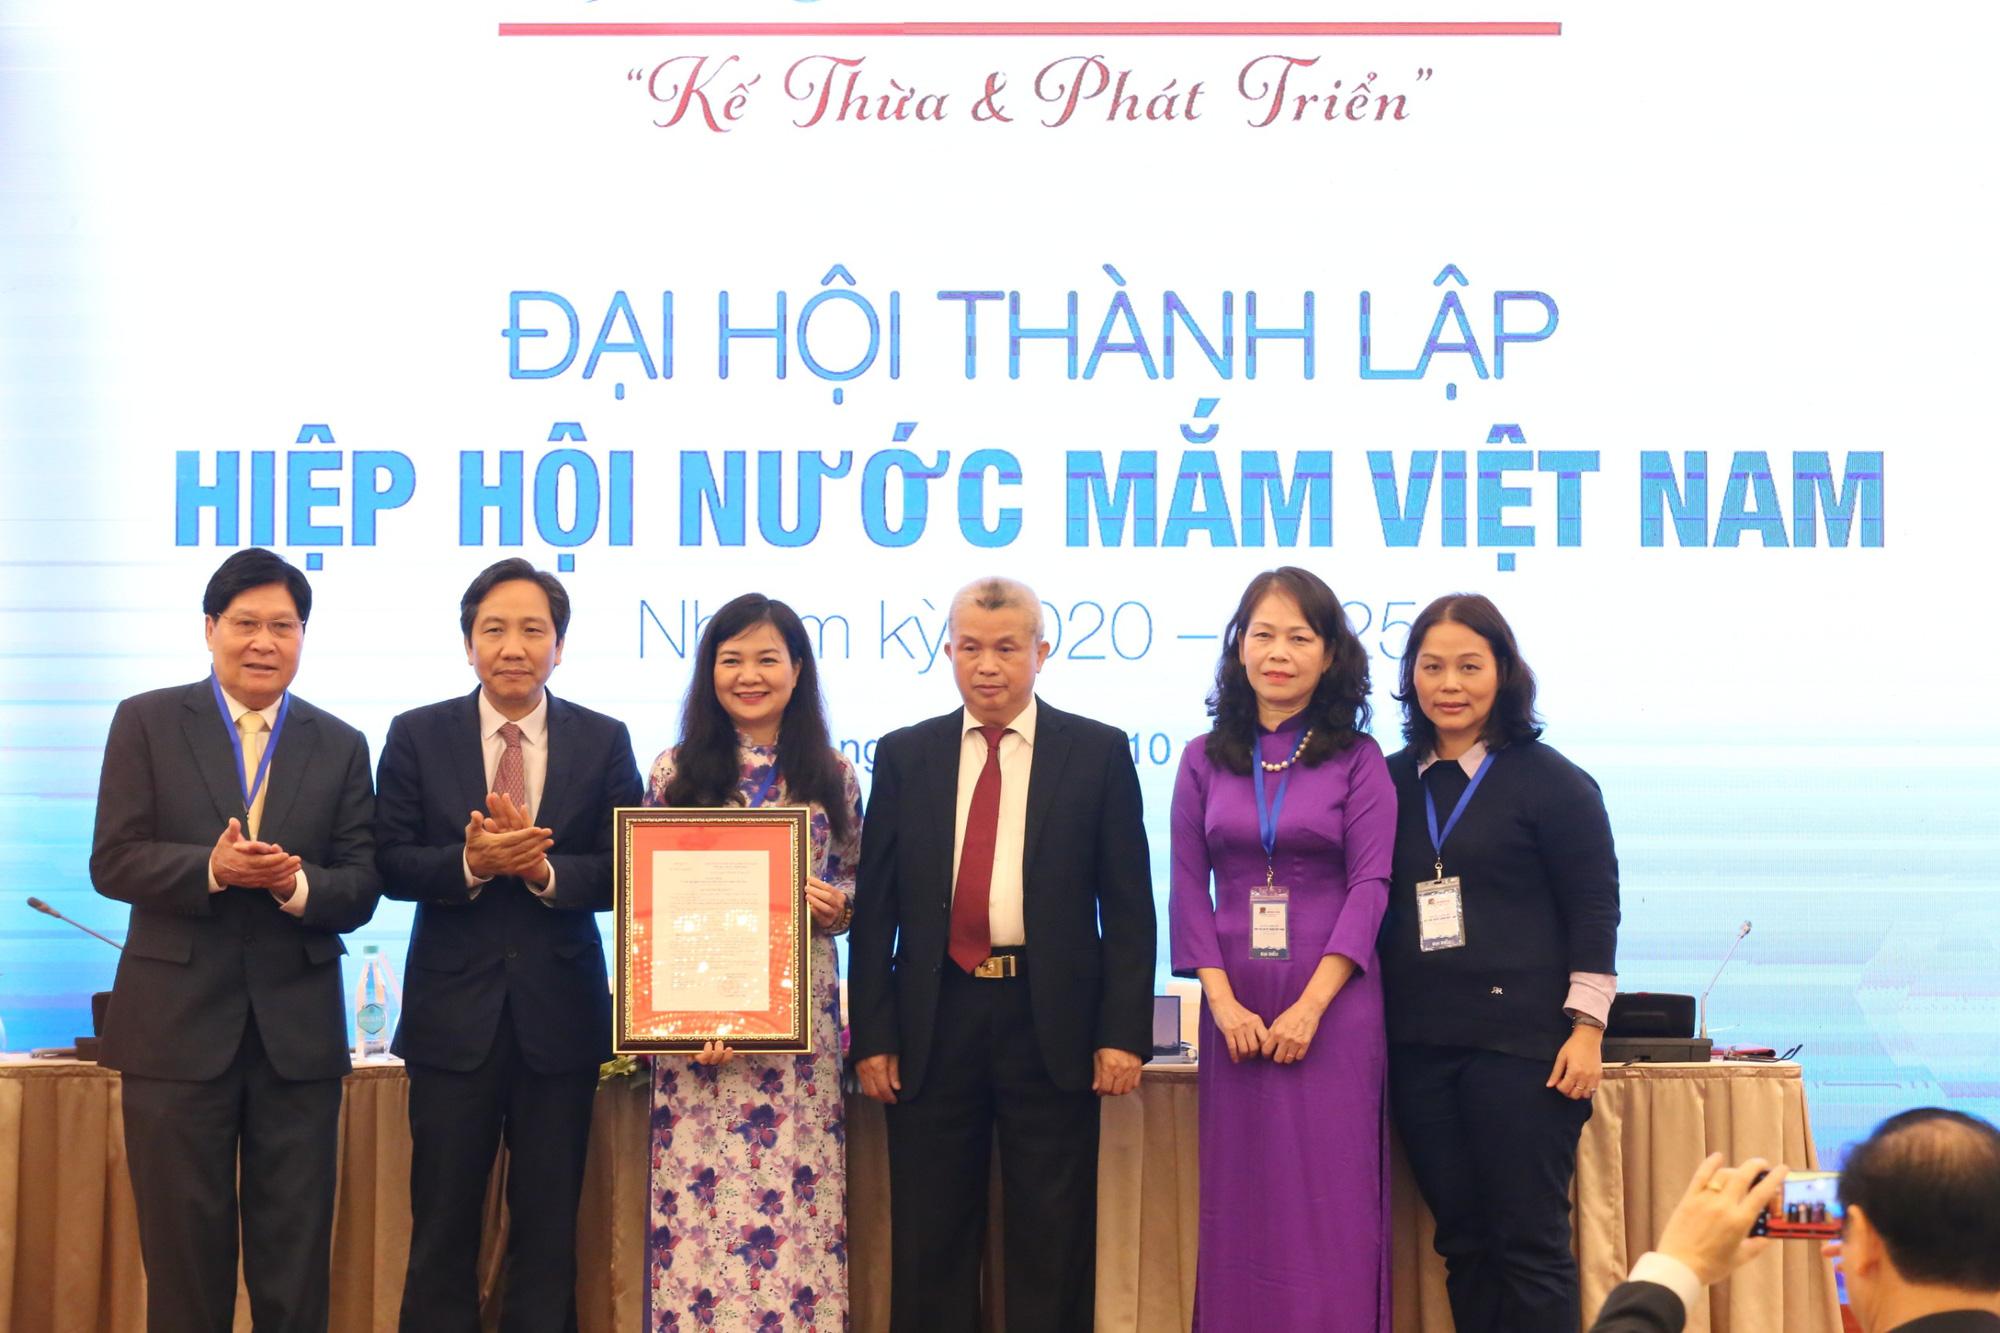 Chính thức thành lập Hiệp hội Nước mắm Việt Nam: Phát triển ngành hàng trị giá 6.000 tỷ đồng - Ảnh 3.